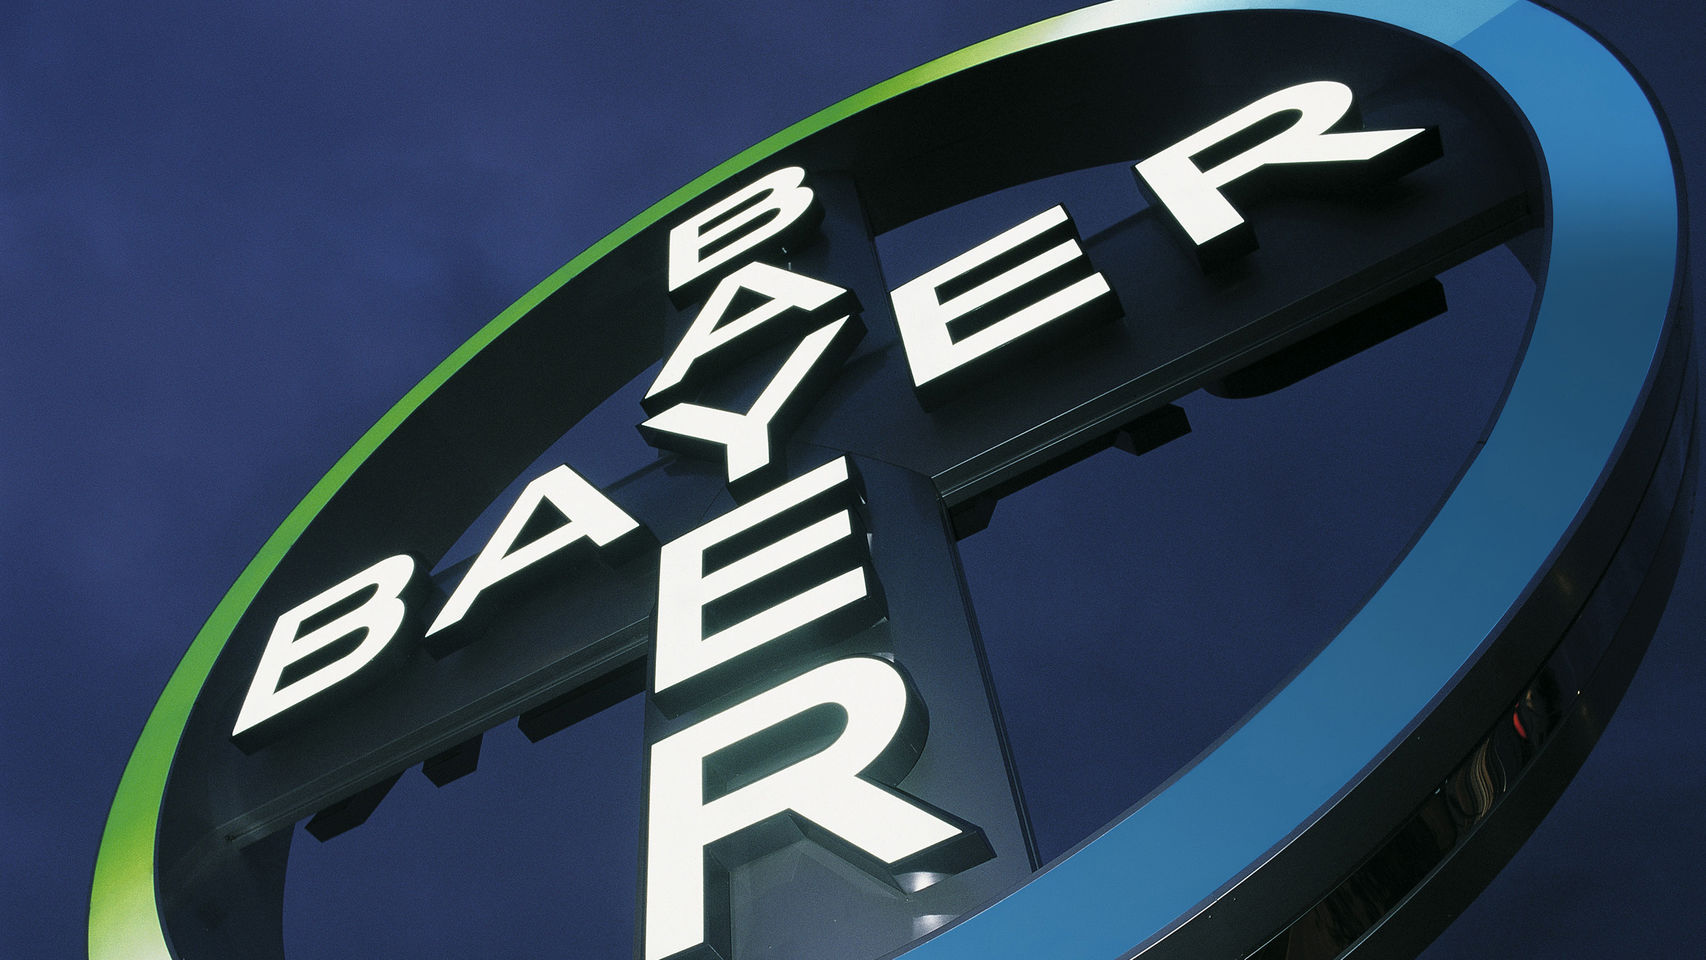 La fusión es posible ya BASF completó la adquisición del negocio global de semillas histícolas de Bayer.